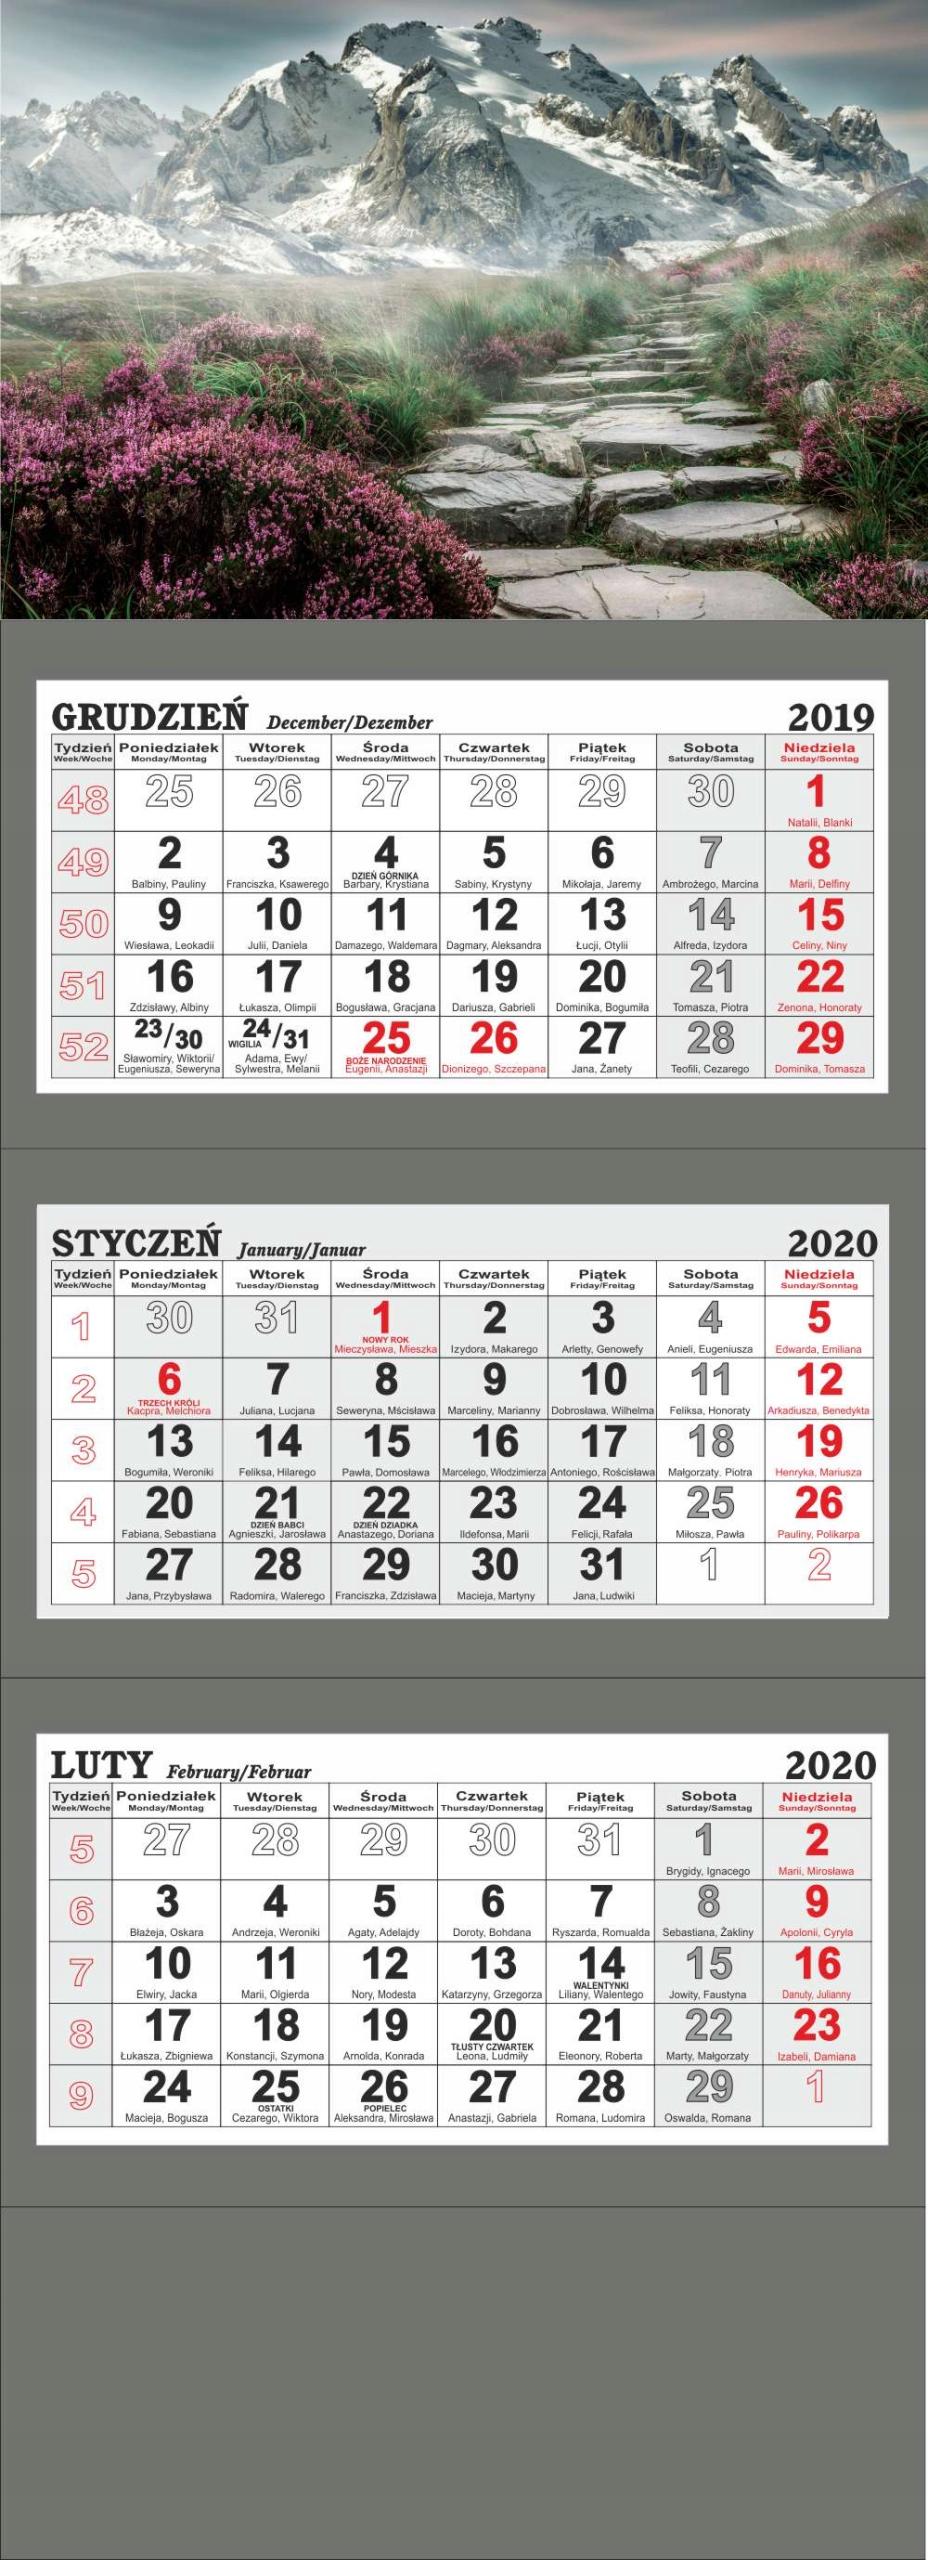 Item calendar trójdzielny 2020 great-QUALITY! -56 DESIGNS